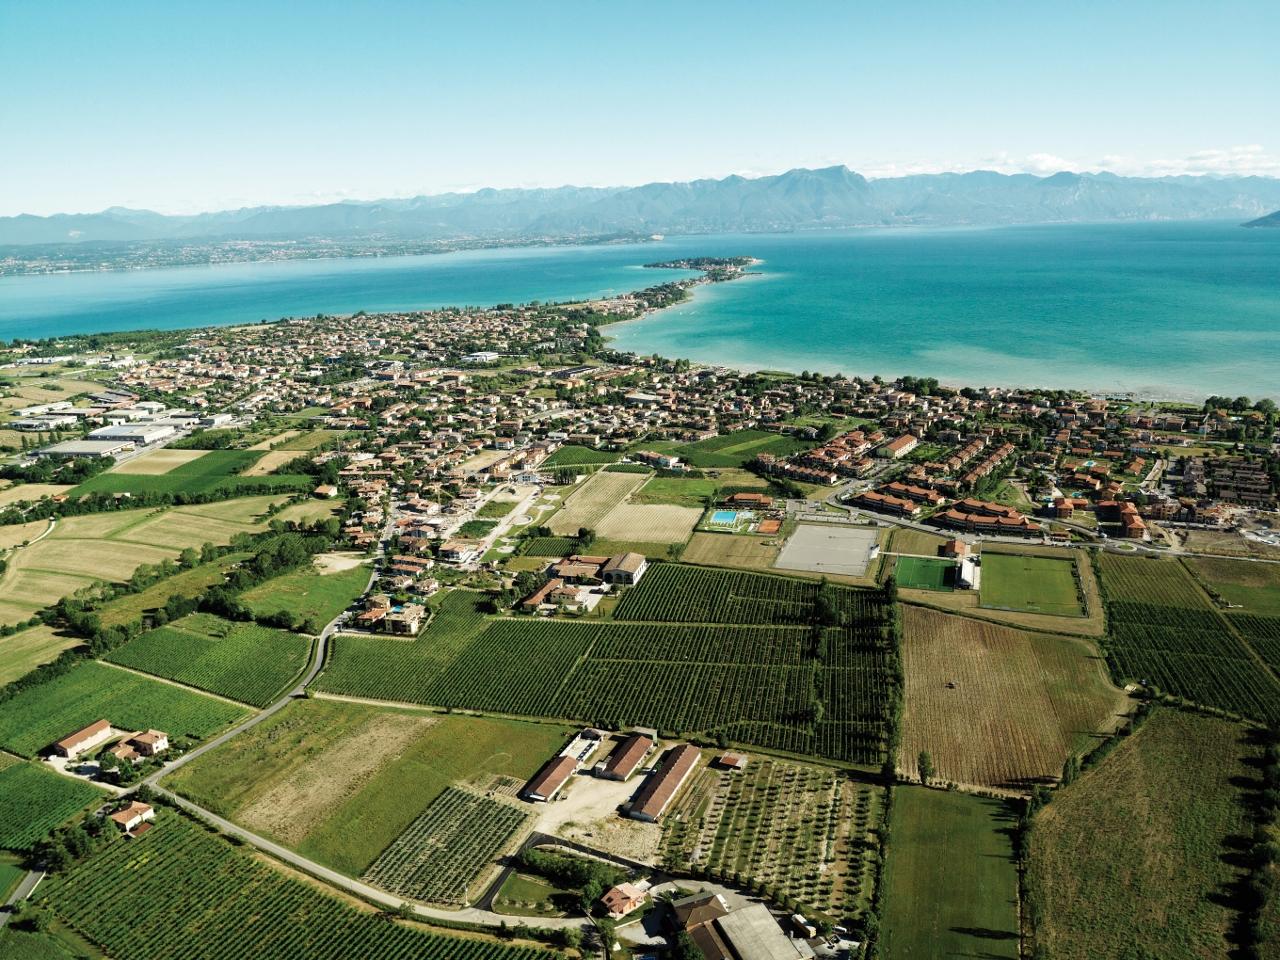 La zona di Lugana con la vista verso il Lago di Garda. Foto: Consorzio Tutela Lugana